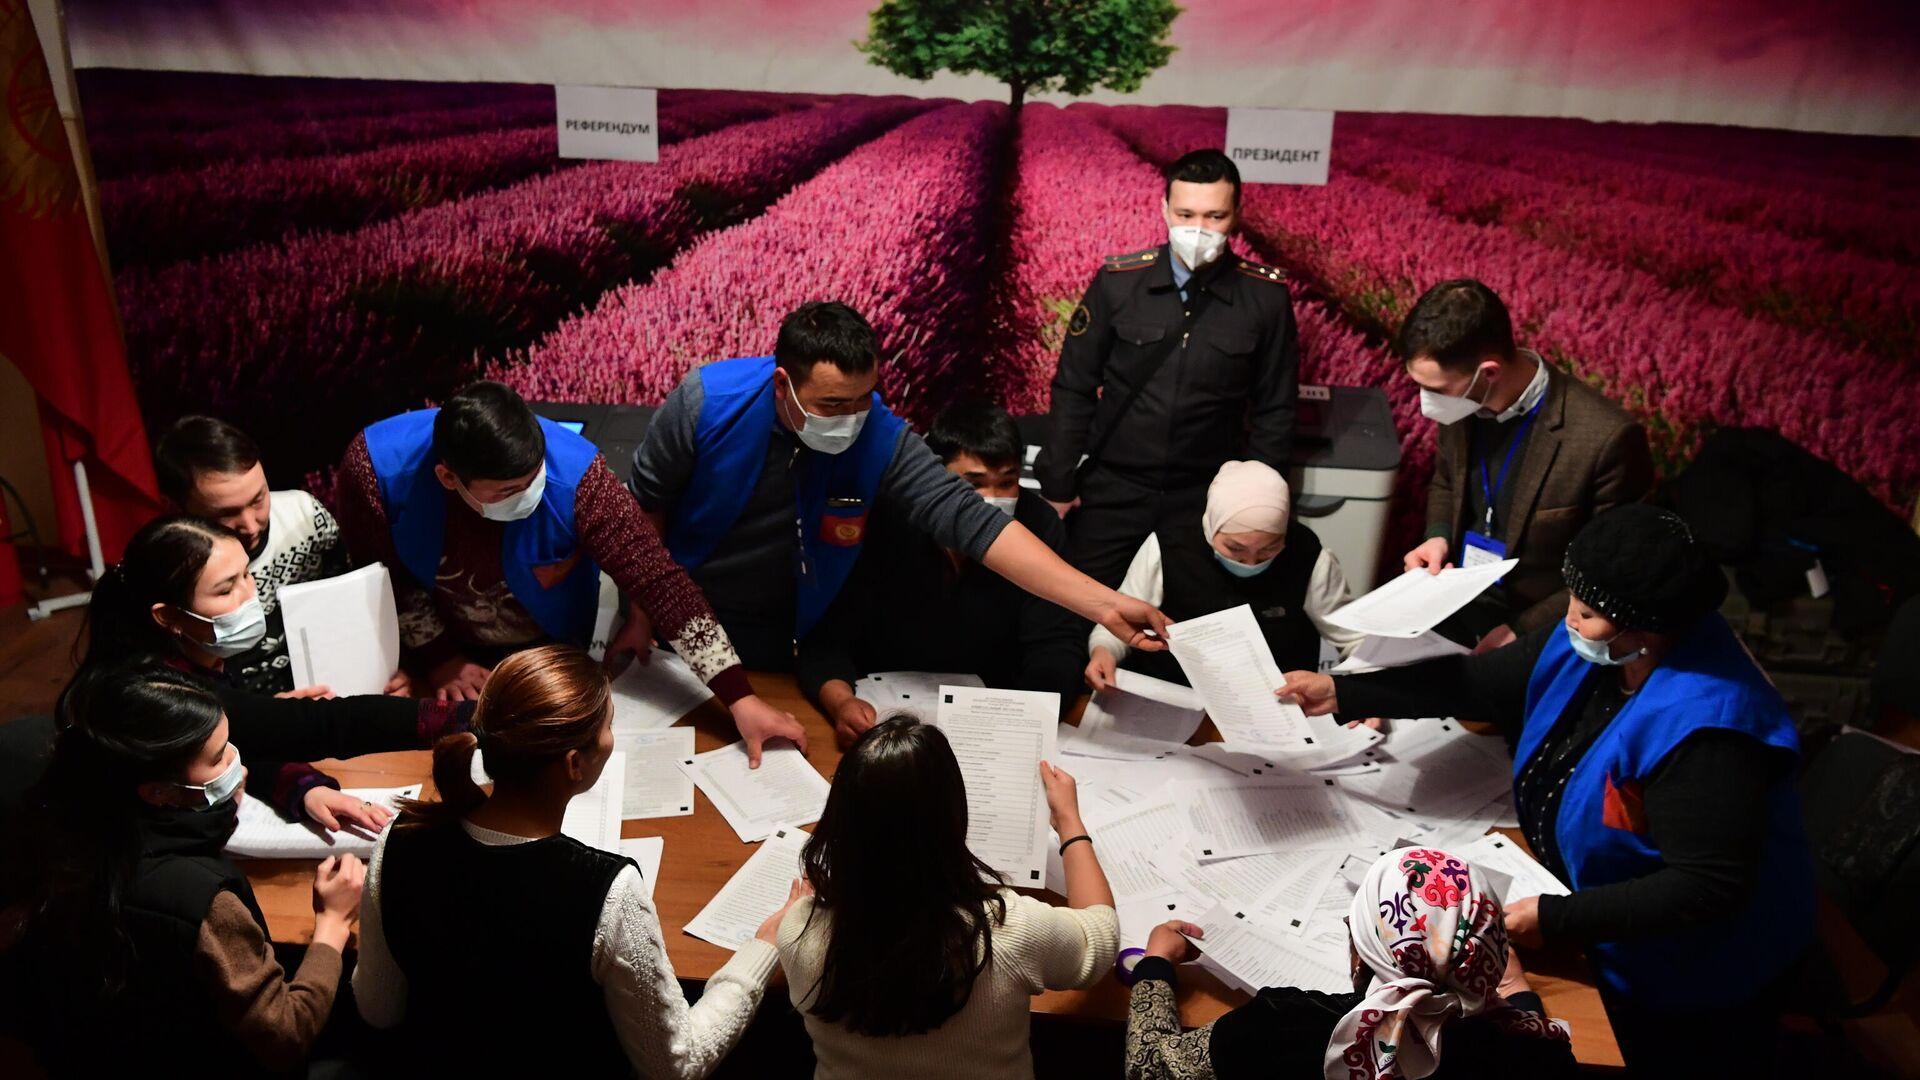 Сотрудники избирательной комиссии во время подсчета голосов на одном из избирательных участков в Бишкеке - РИА Новости, 1920, 11.01.2021